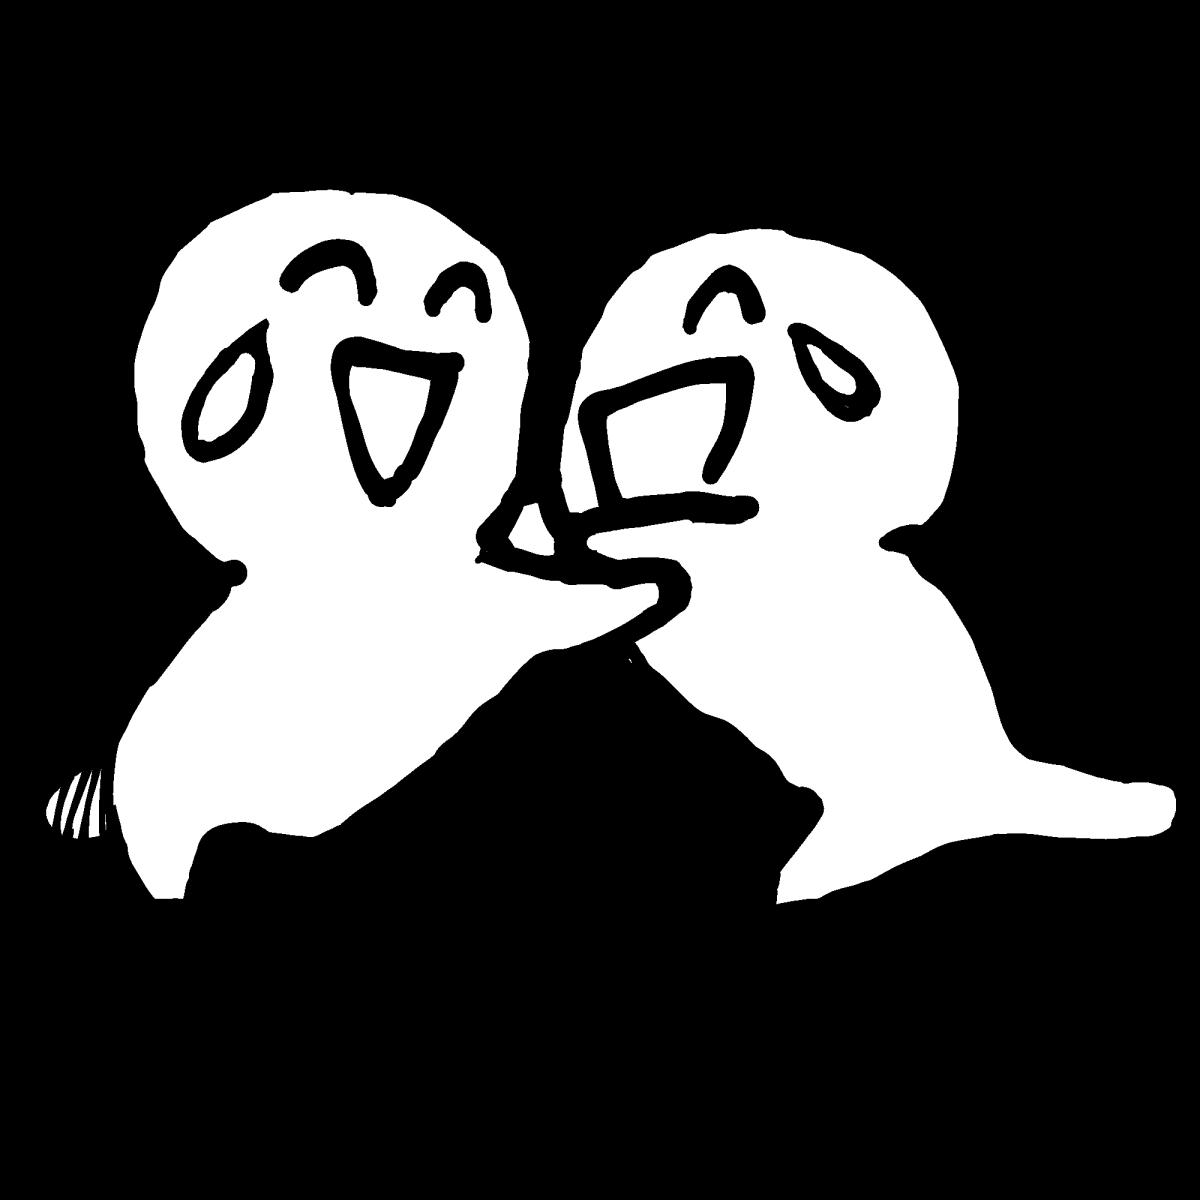 仲間と大喜び1(2種)のイラスト Exultant with friends1  Illustration